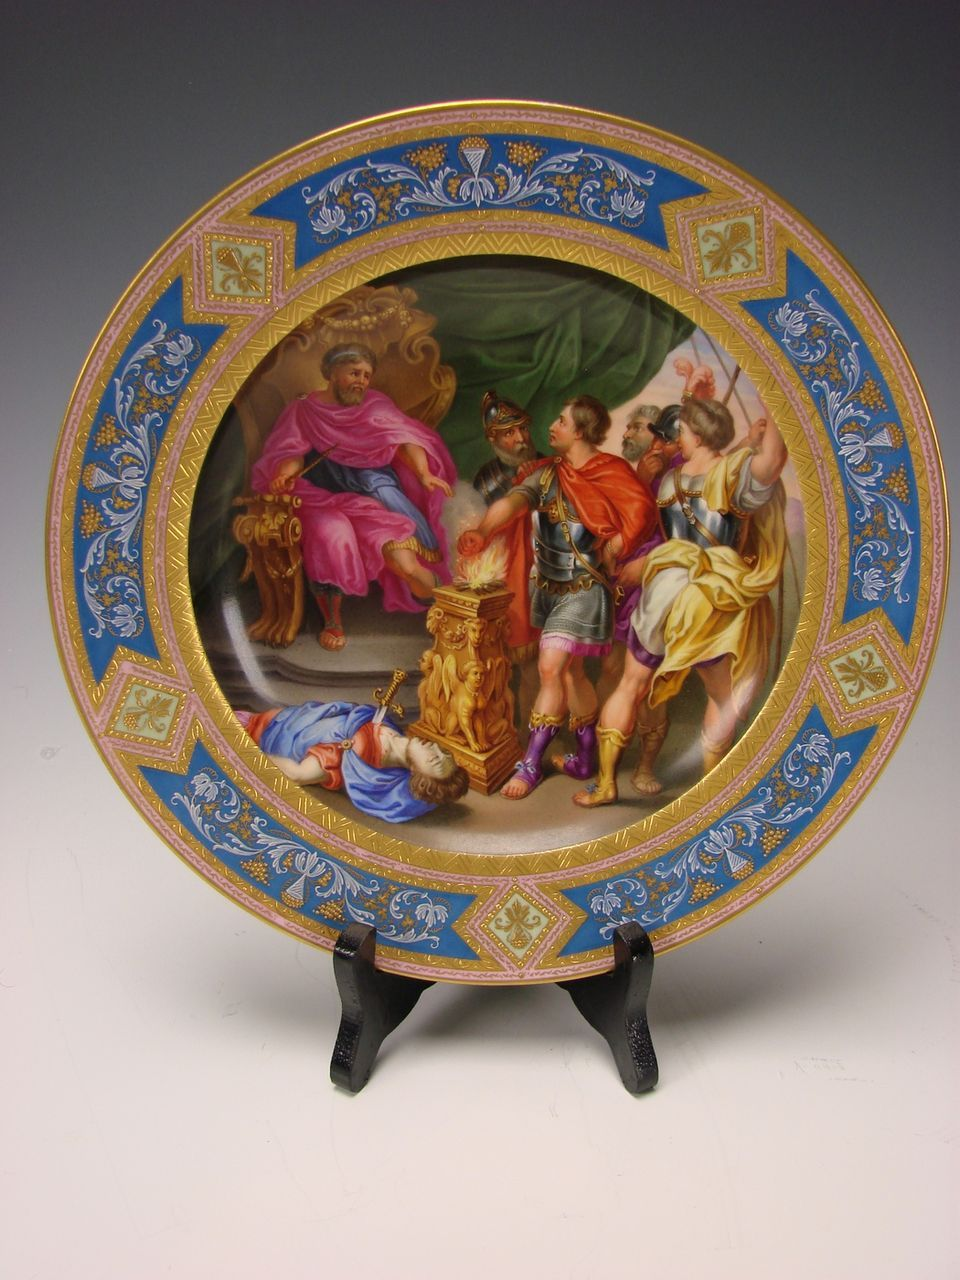 Antique Austrian Imperial Porcelain Royal Vienna Hand Painted Portrait Plate